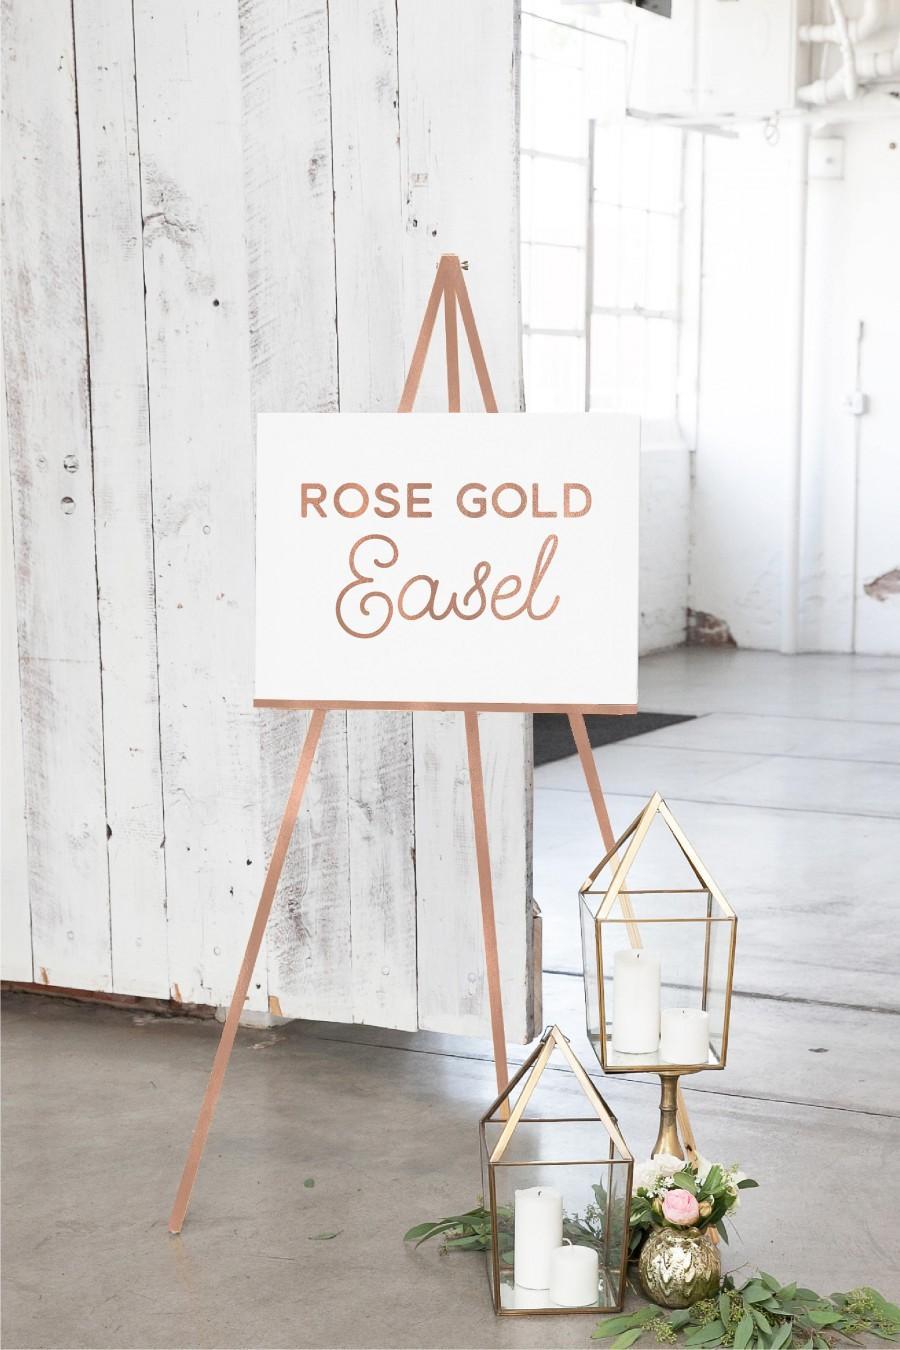 Rose Gold Wedding Easel   Rose Gold Wood Easel   Easel For Sign